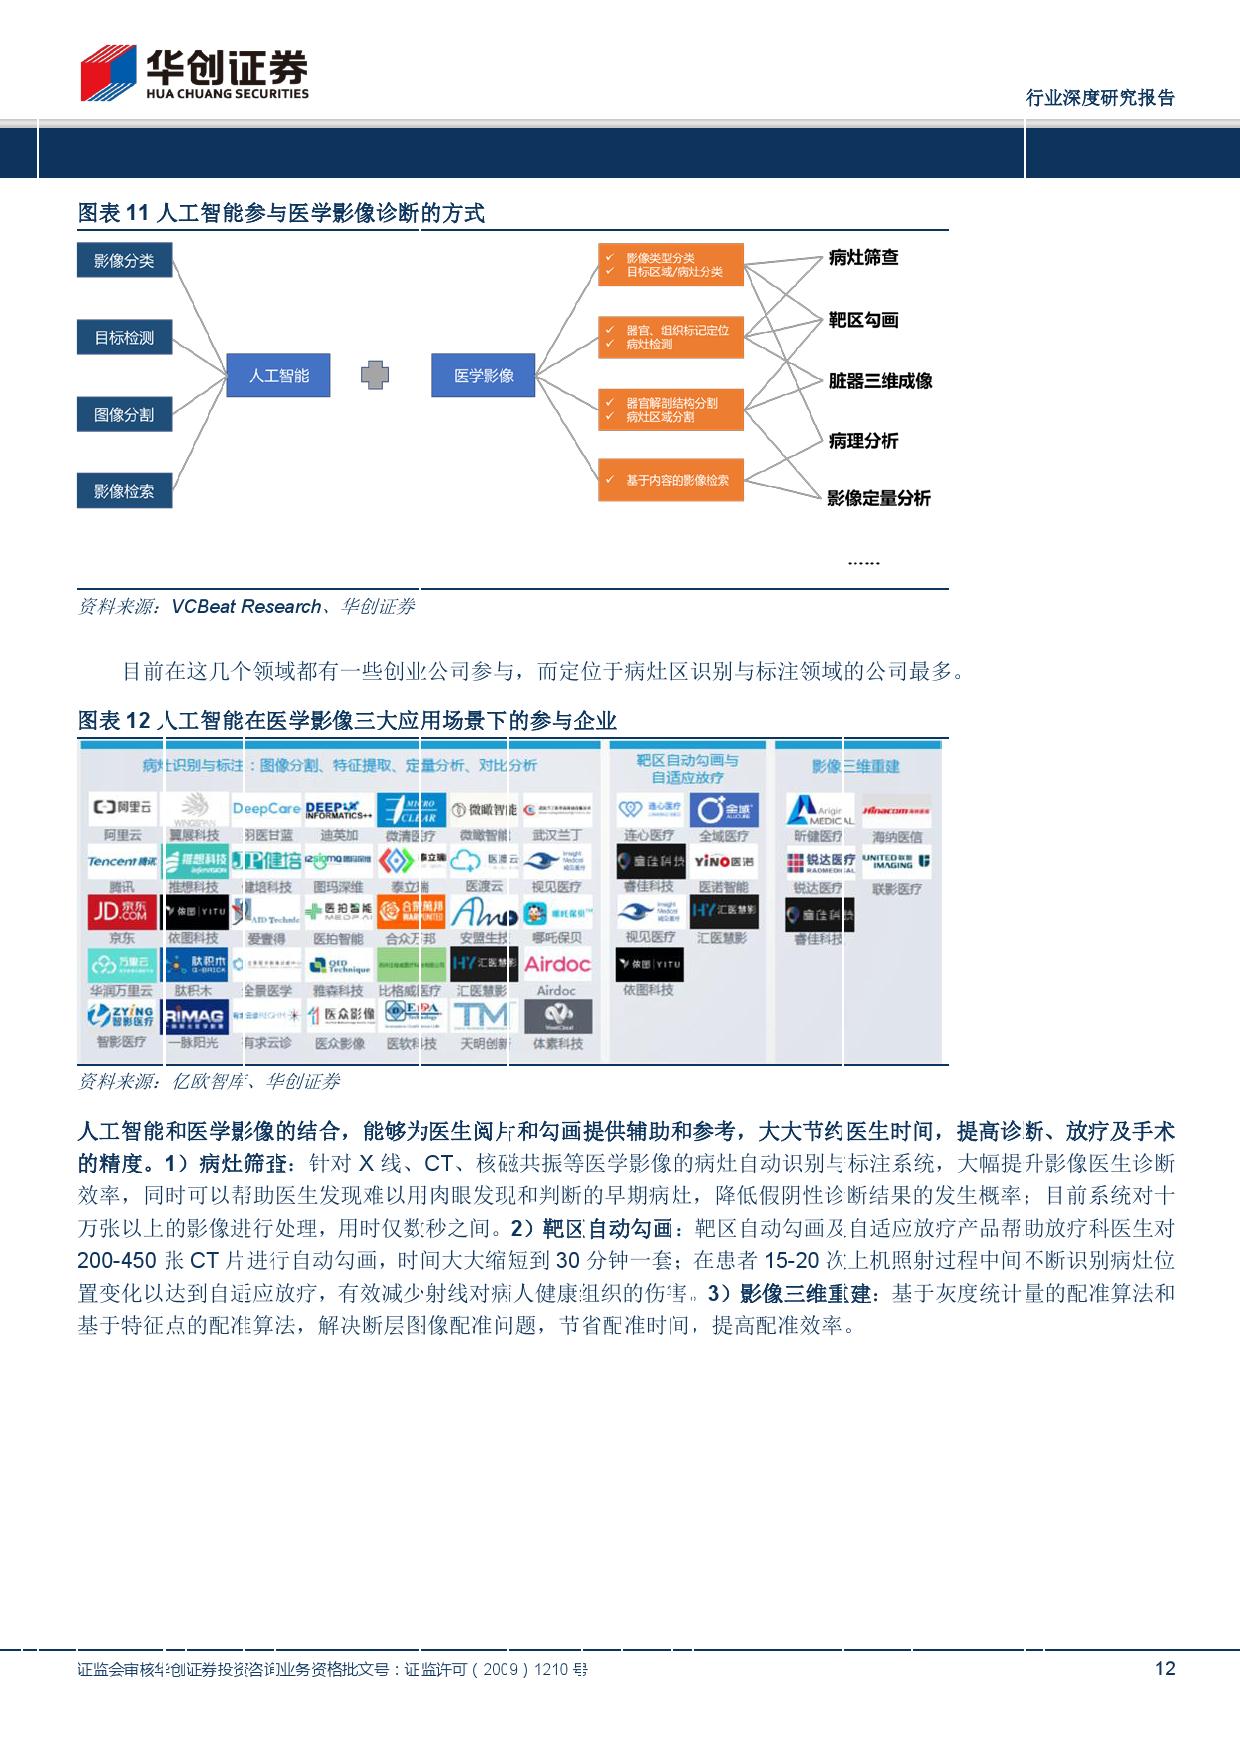 音乐资讯_AI医学影像行业报告:平台分成与技术授权具潜力(附下载 ...